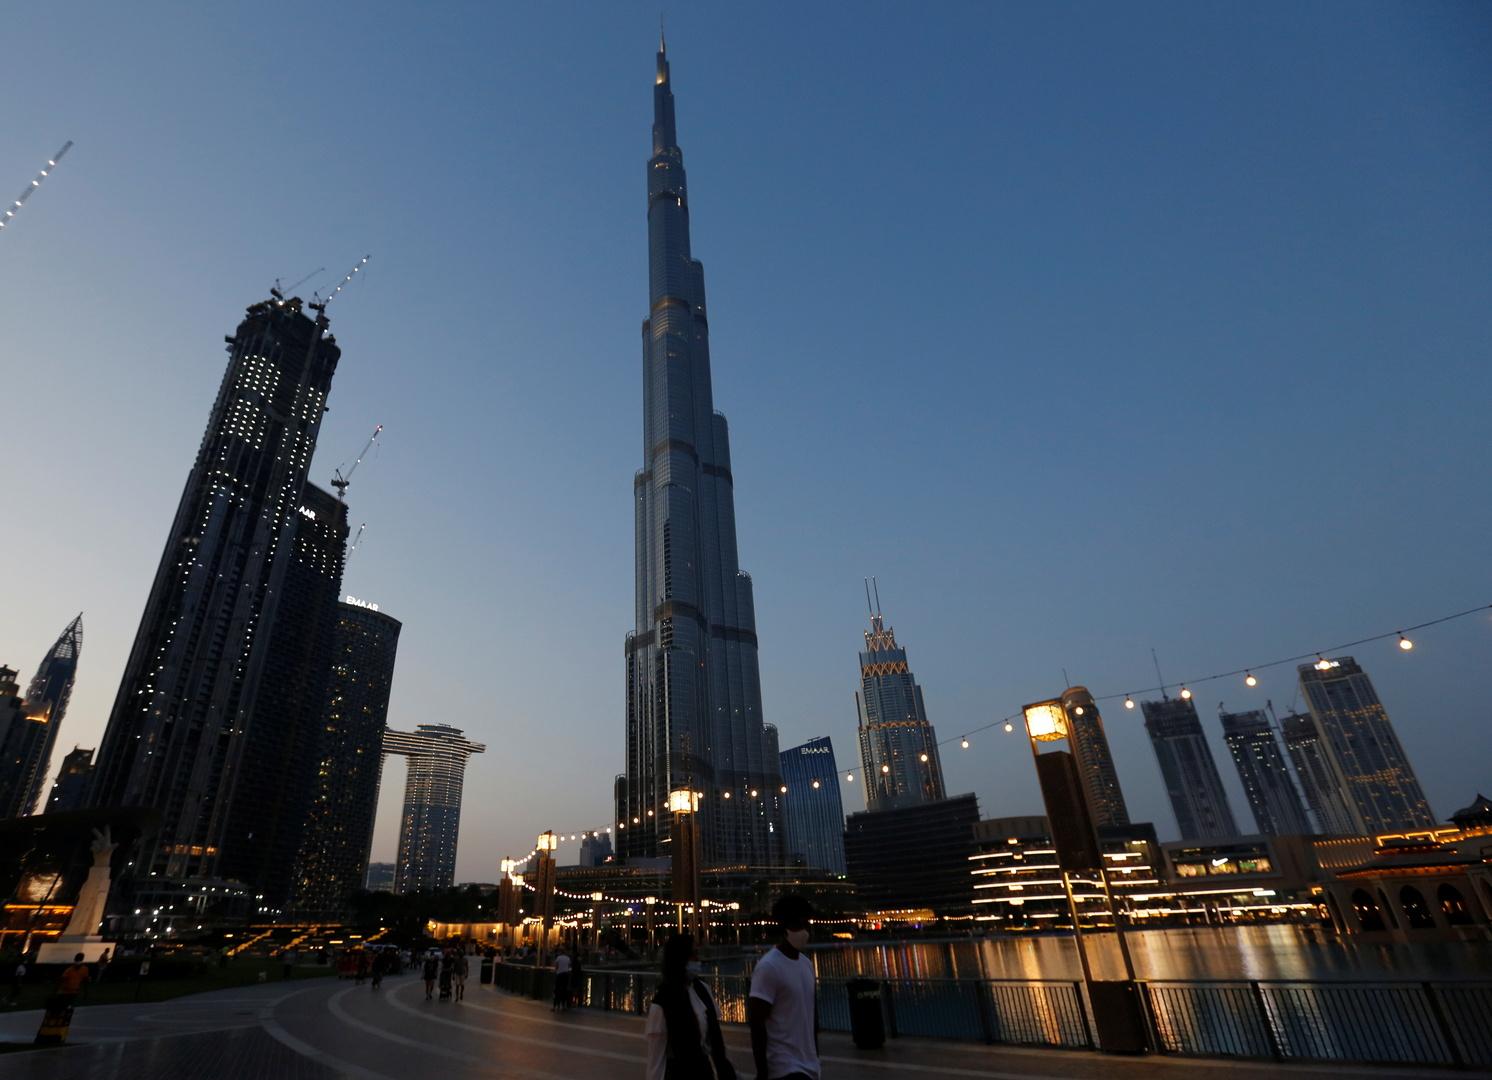 الإمارات تضيء برج خليفة بألوان علم الهند تضامنا معها في مواجهة جائحة كورونا